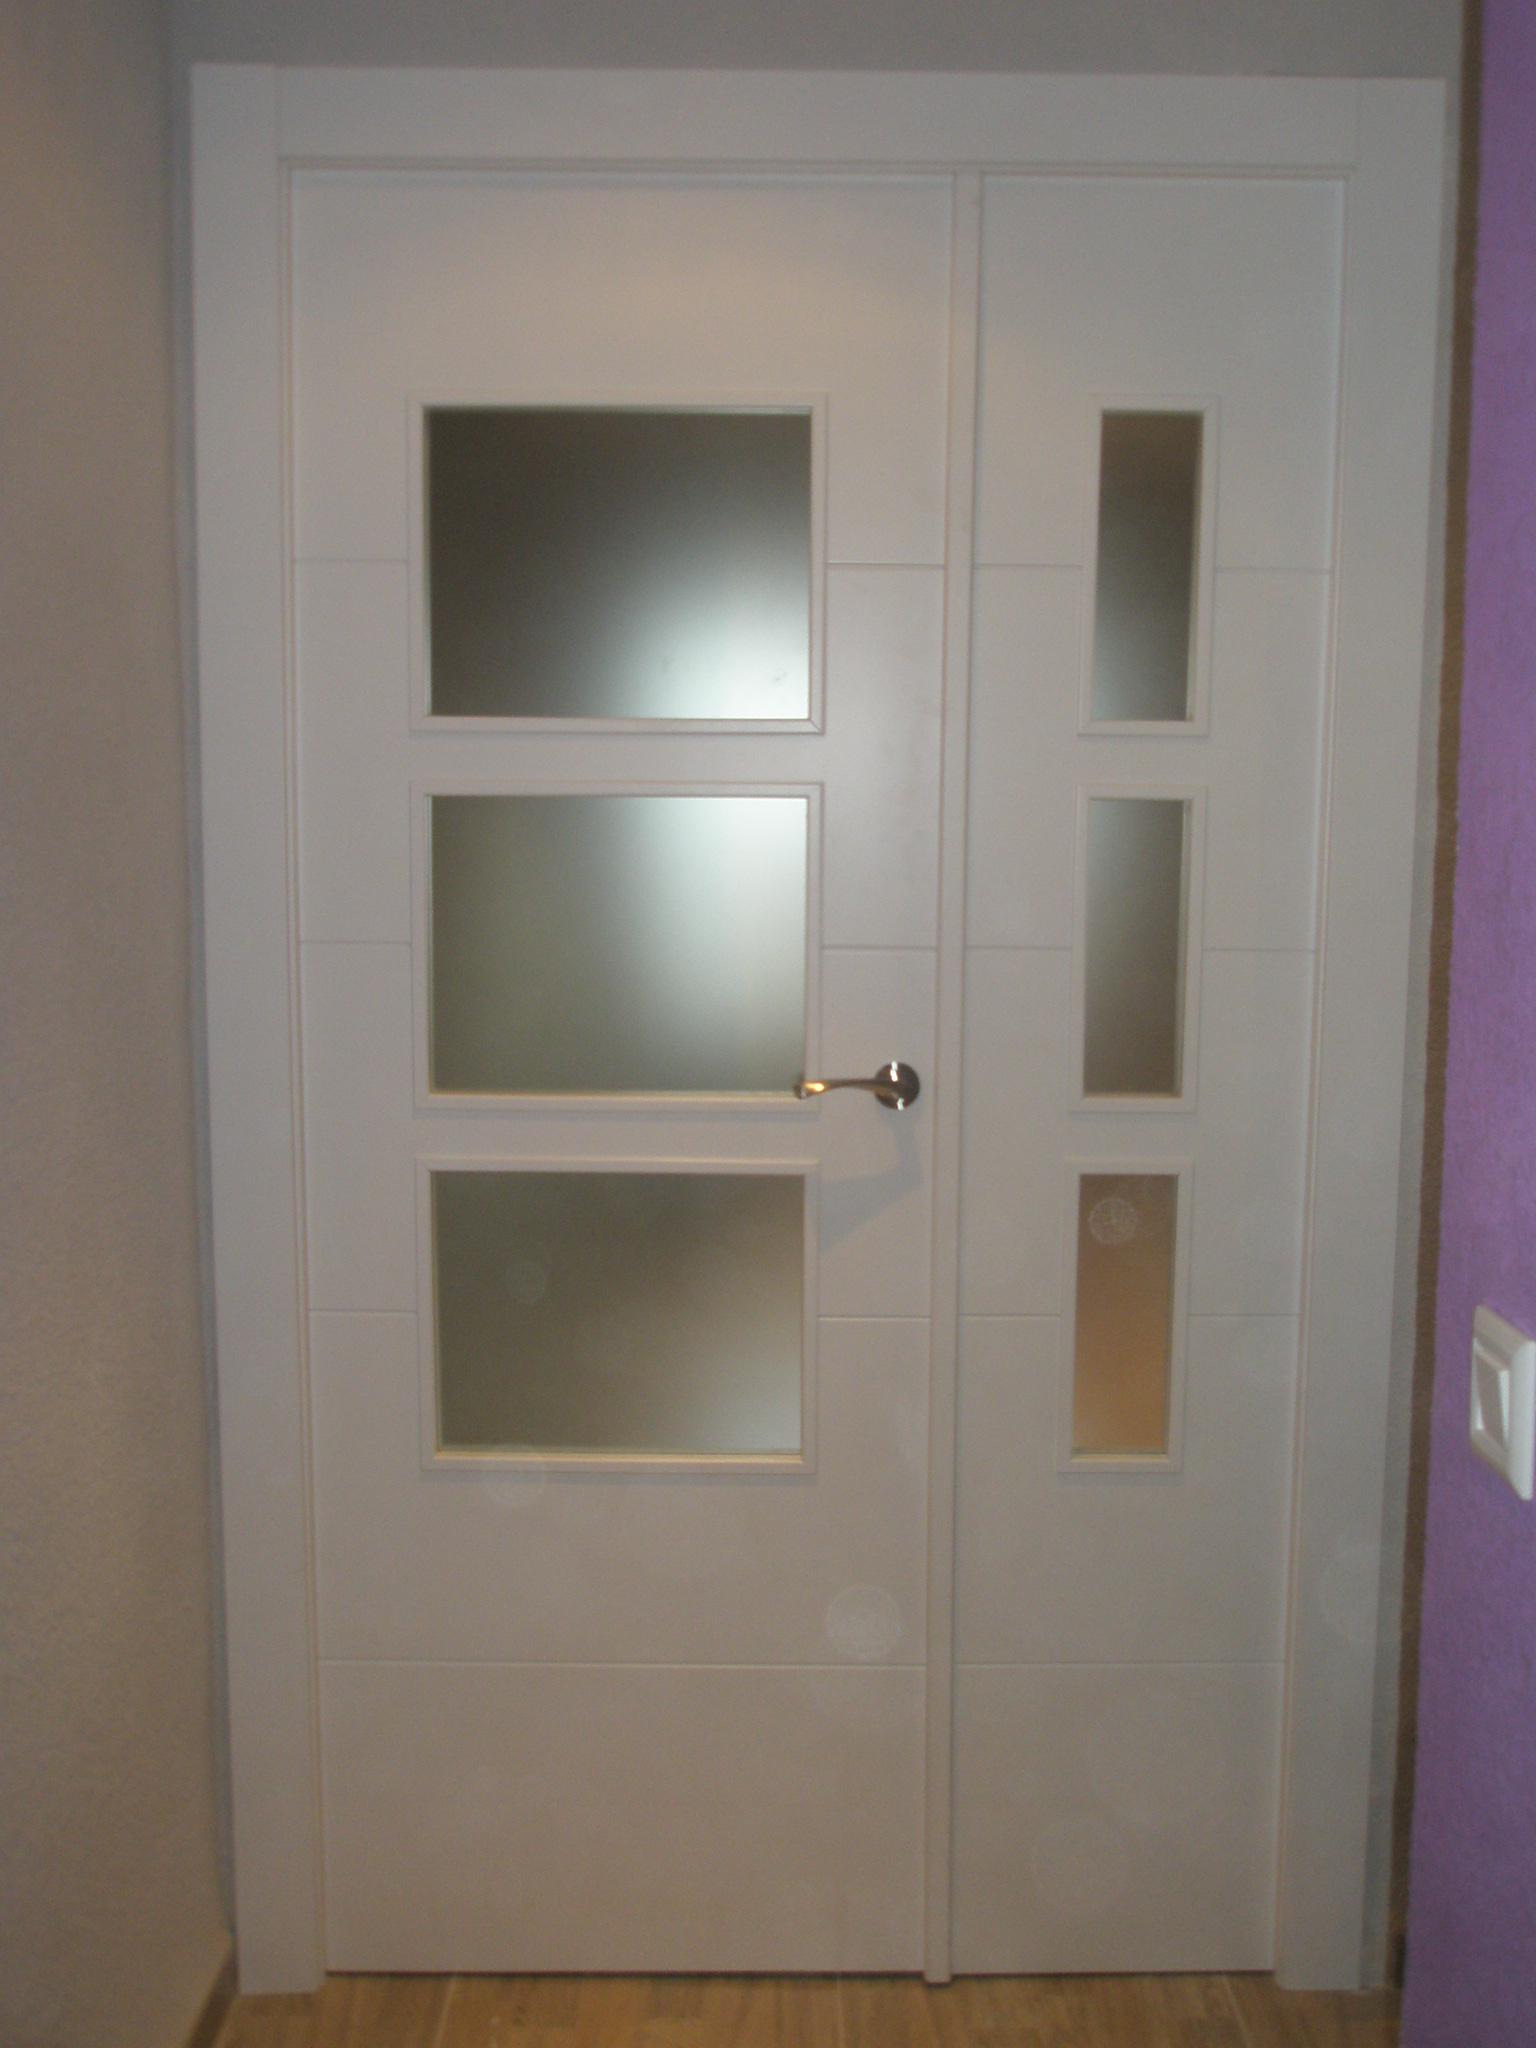 Puerta doble v3 8500 lacado en blanco puertas y ventanas for Precio puertas blancas